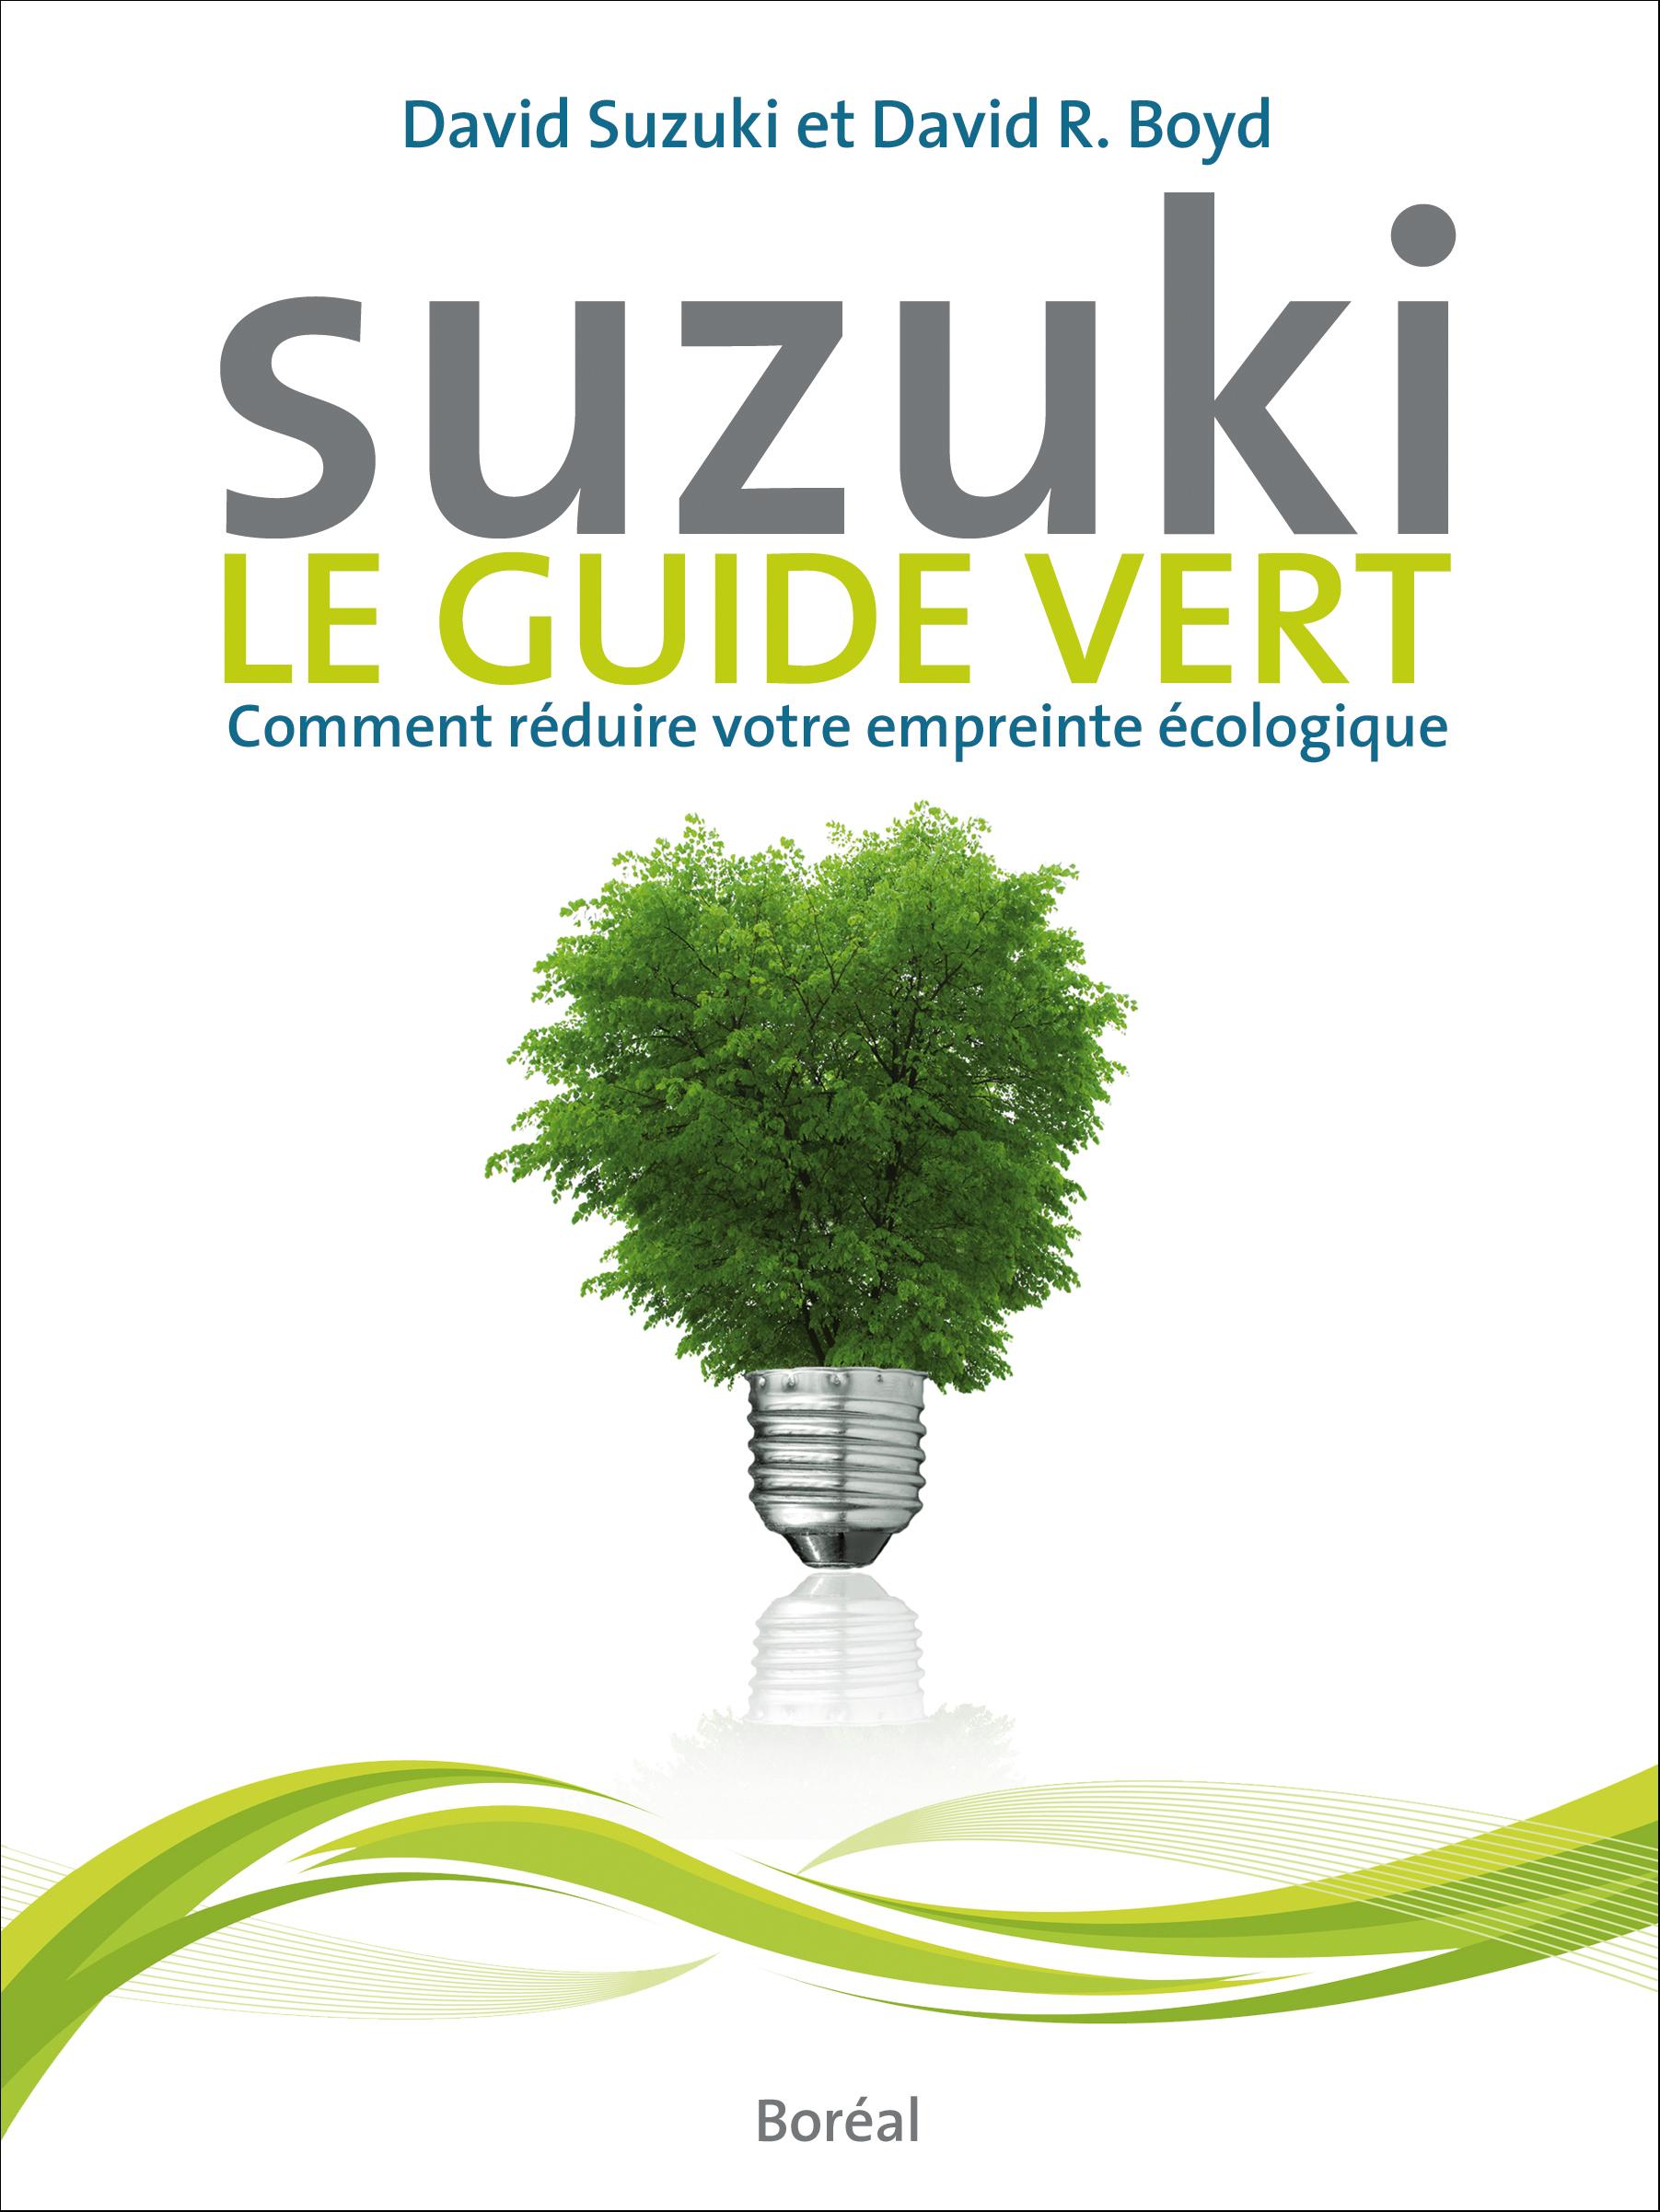 Suzuki: le guide vert